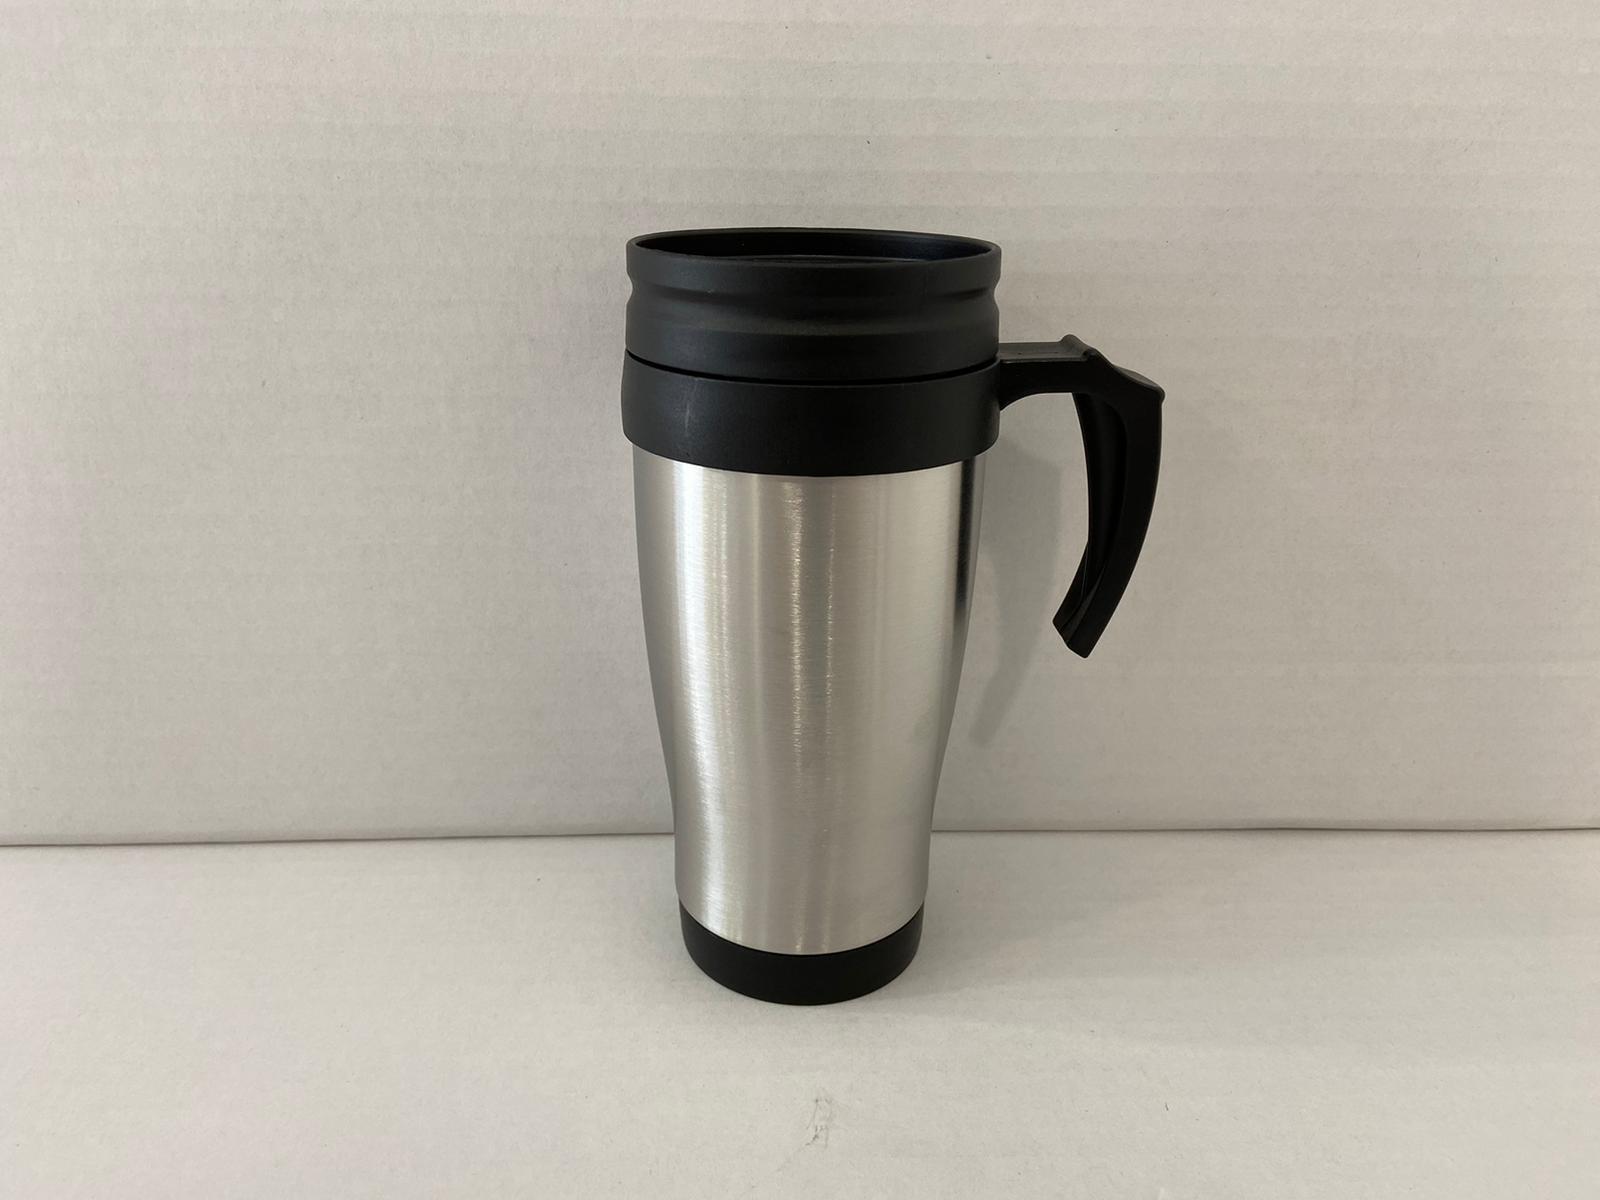 כוס לדרך מנירוסטה